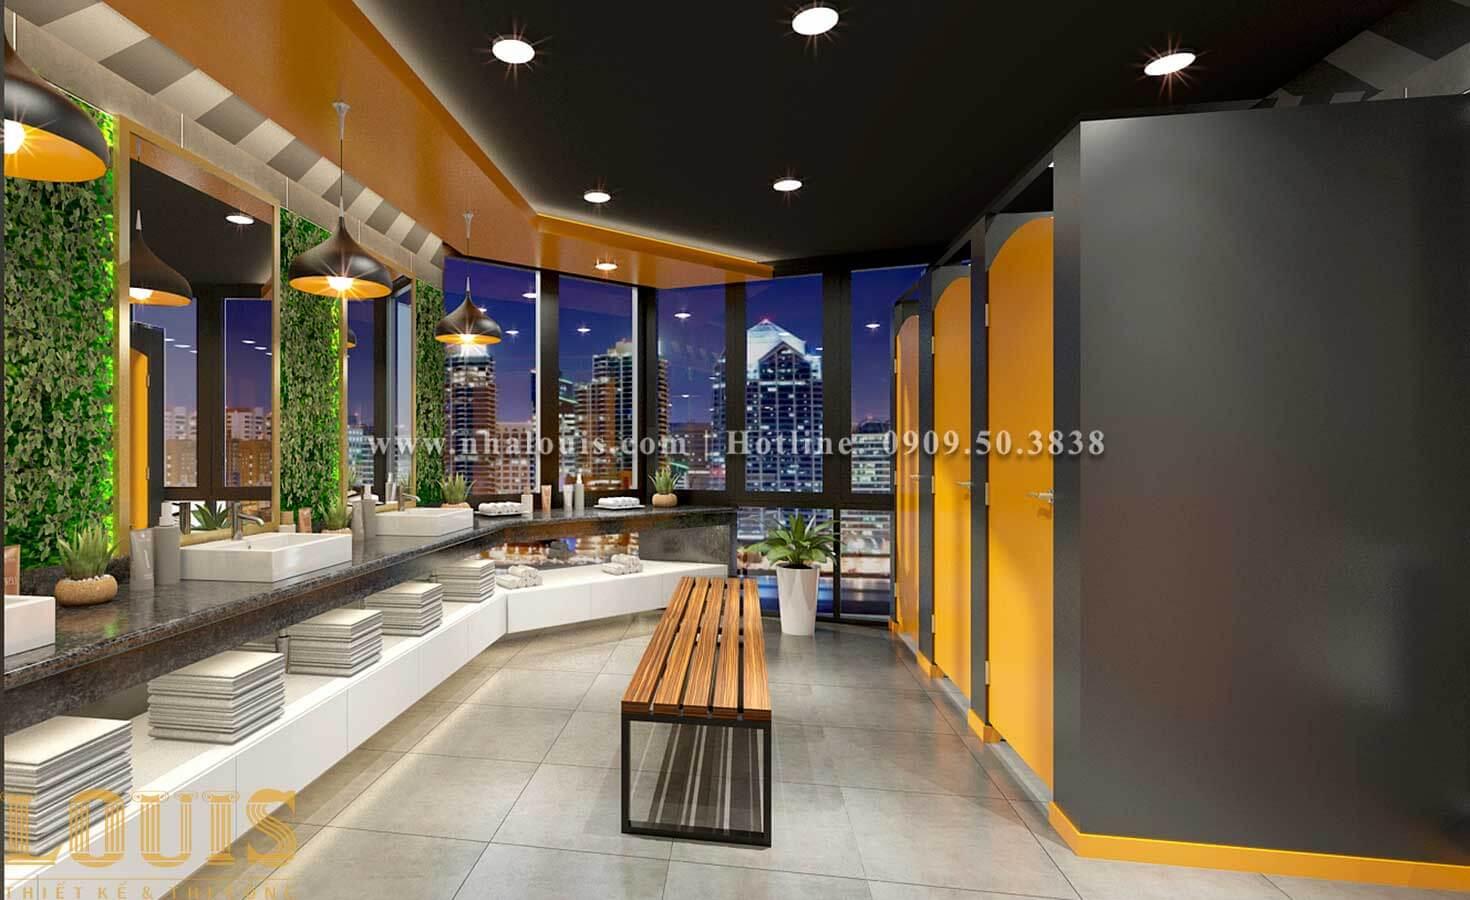 WC + Phòng tắm nam Mẫu thiết kế phòng gym chuẩn hiện đại tại Quận 9 - 11